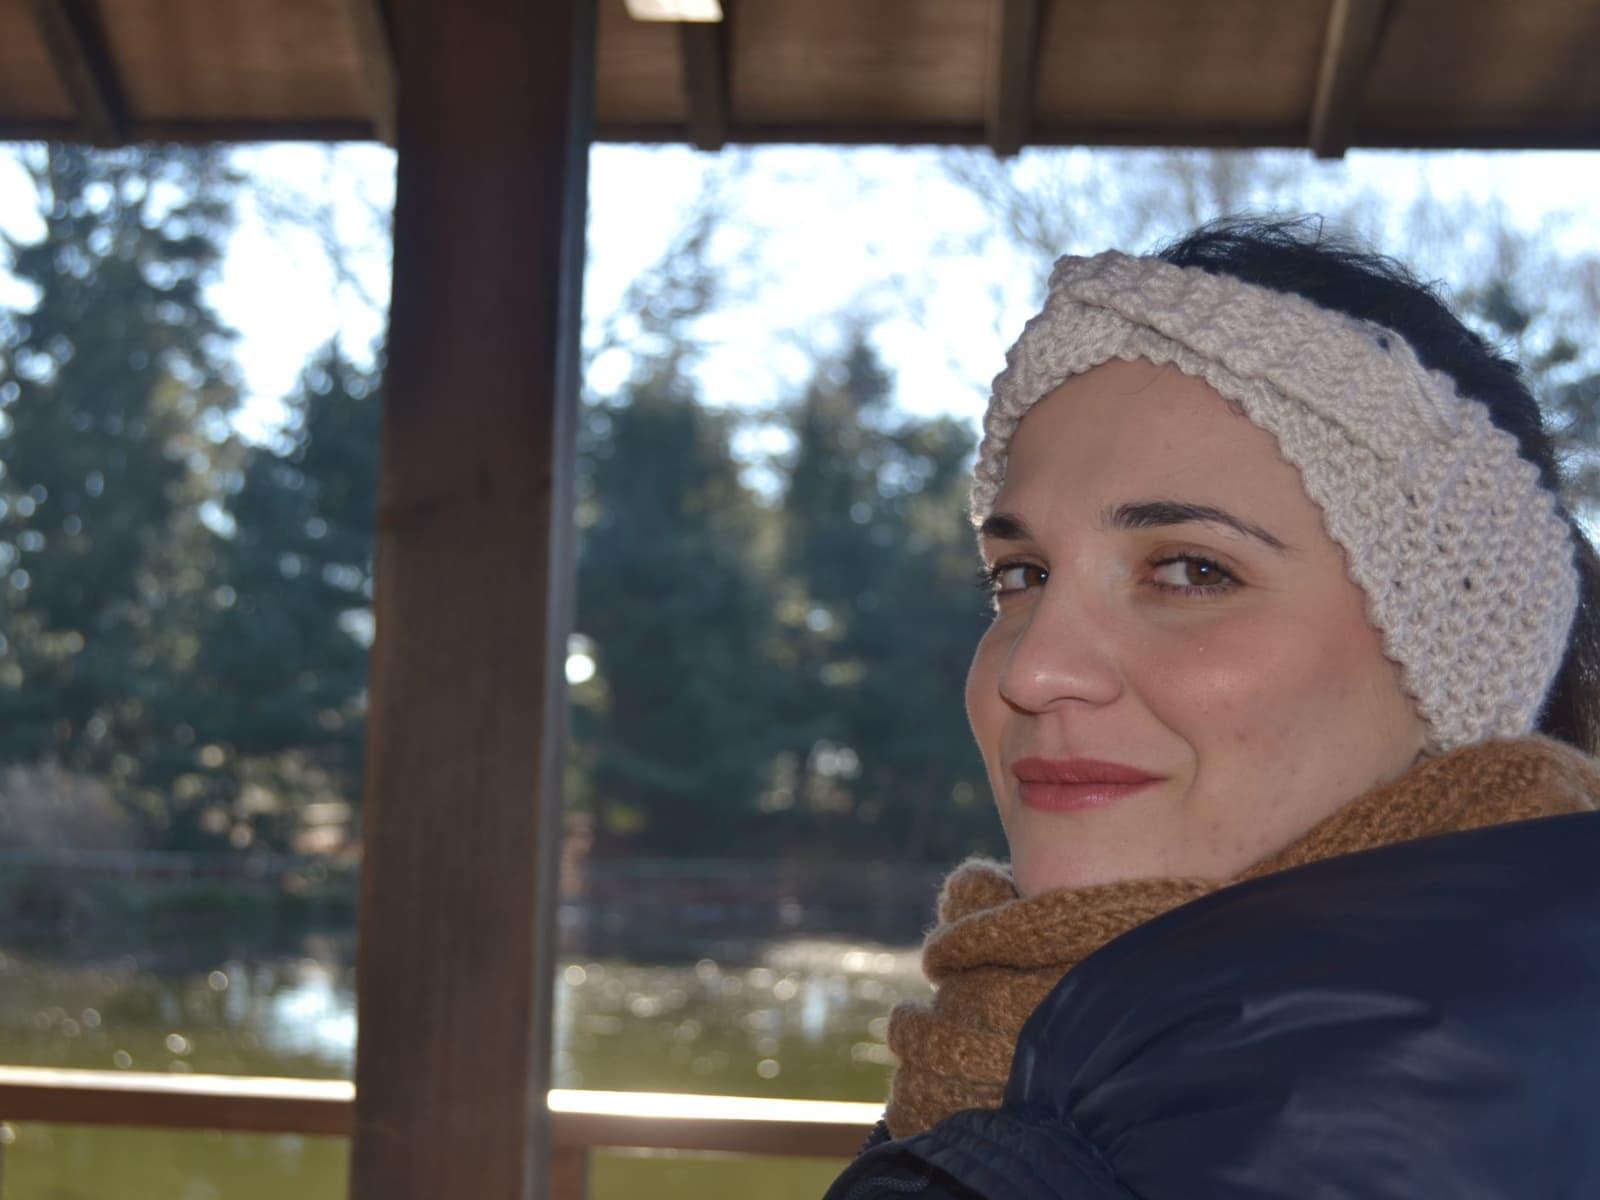 Francesca claudia from Washington, D.C., Washington, D.C., United States